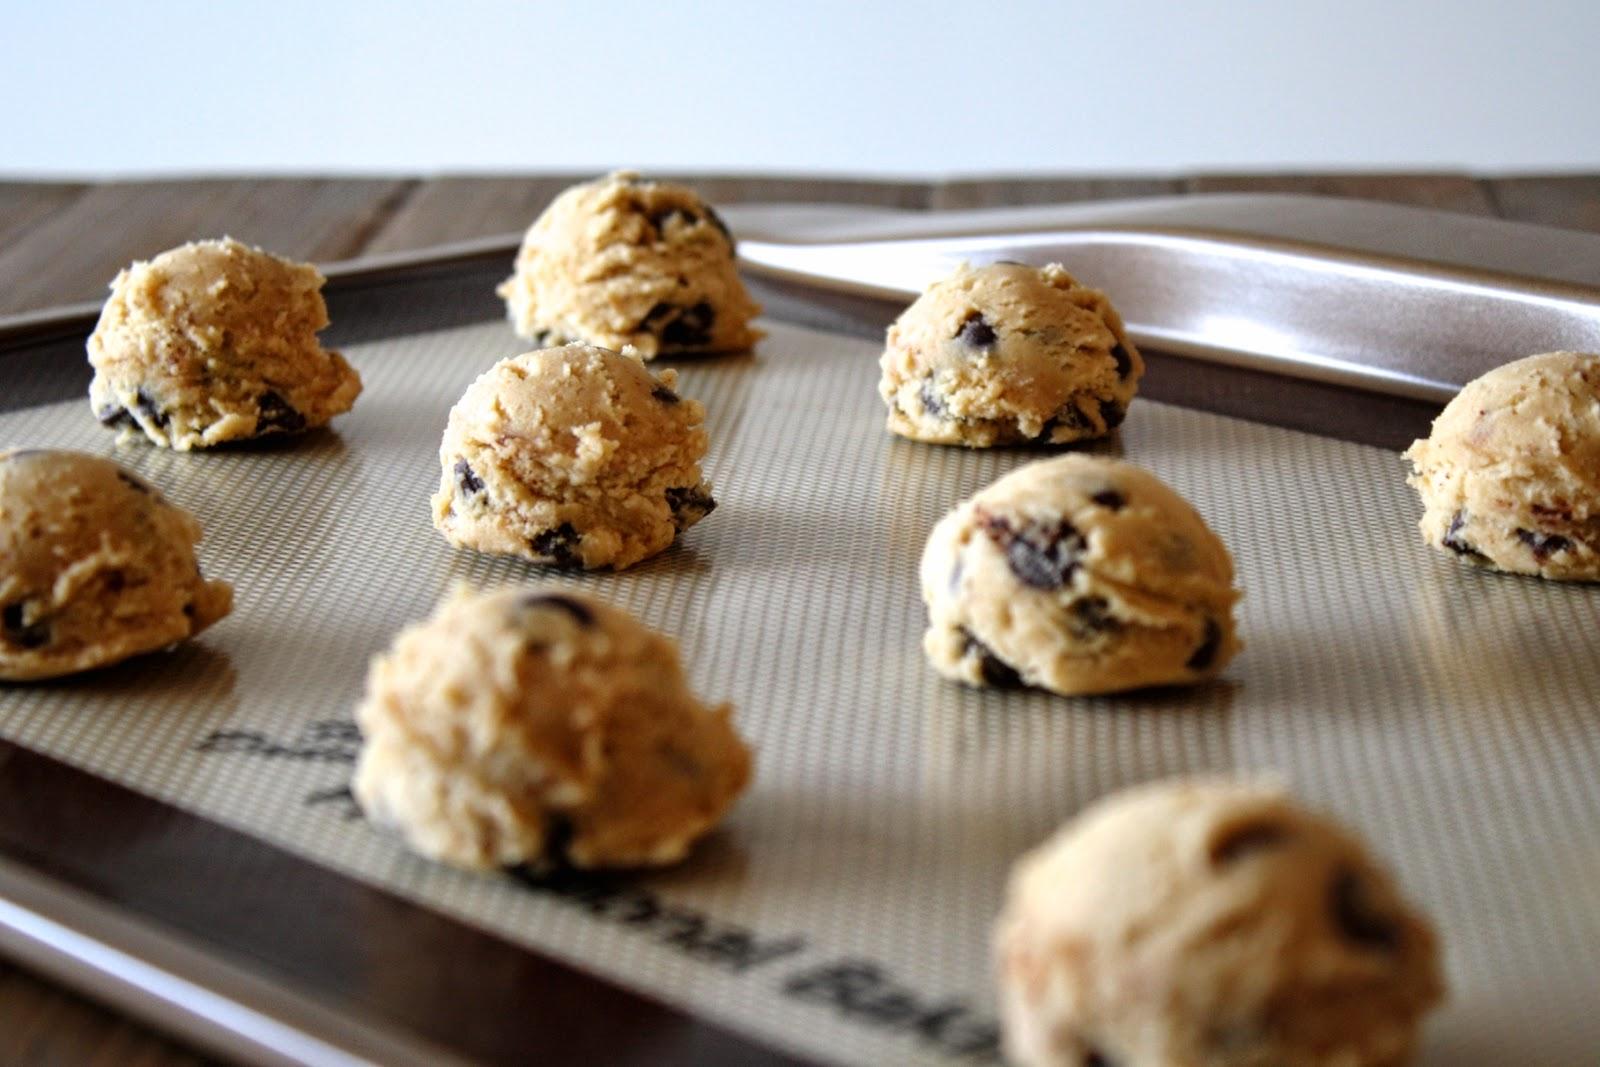 Cookie dough balls on a baking sheet.